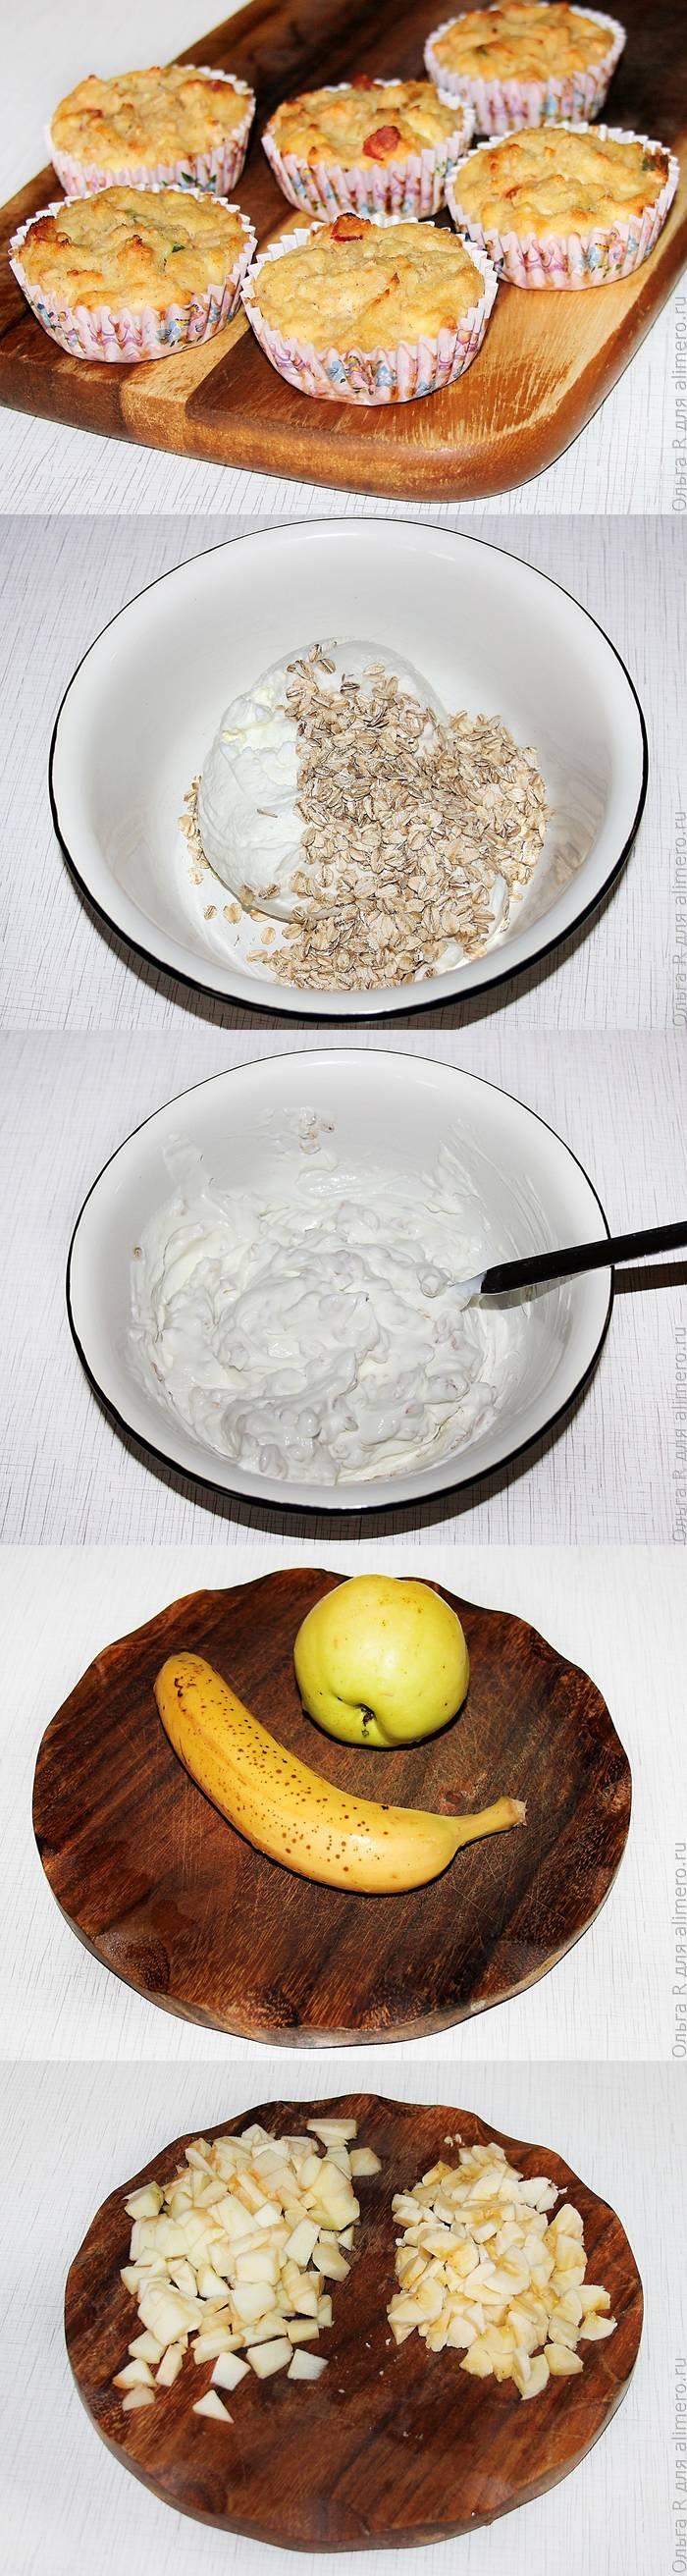 Творожные маффины с фруктами и цукатами